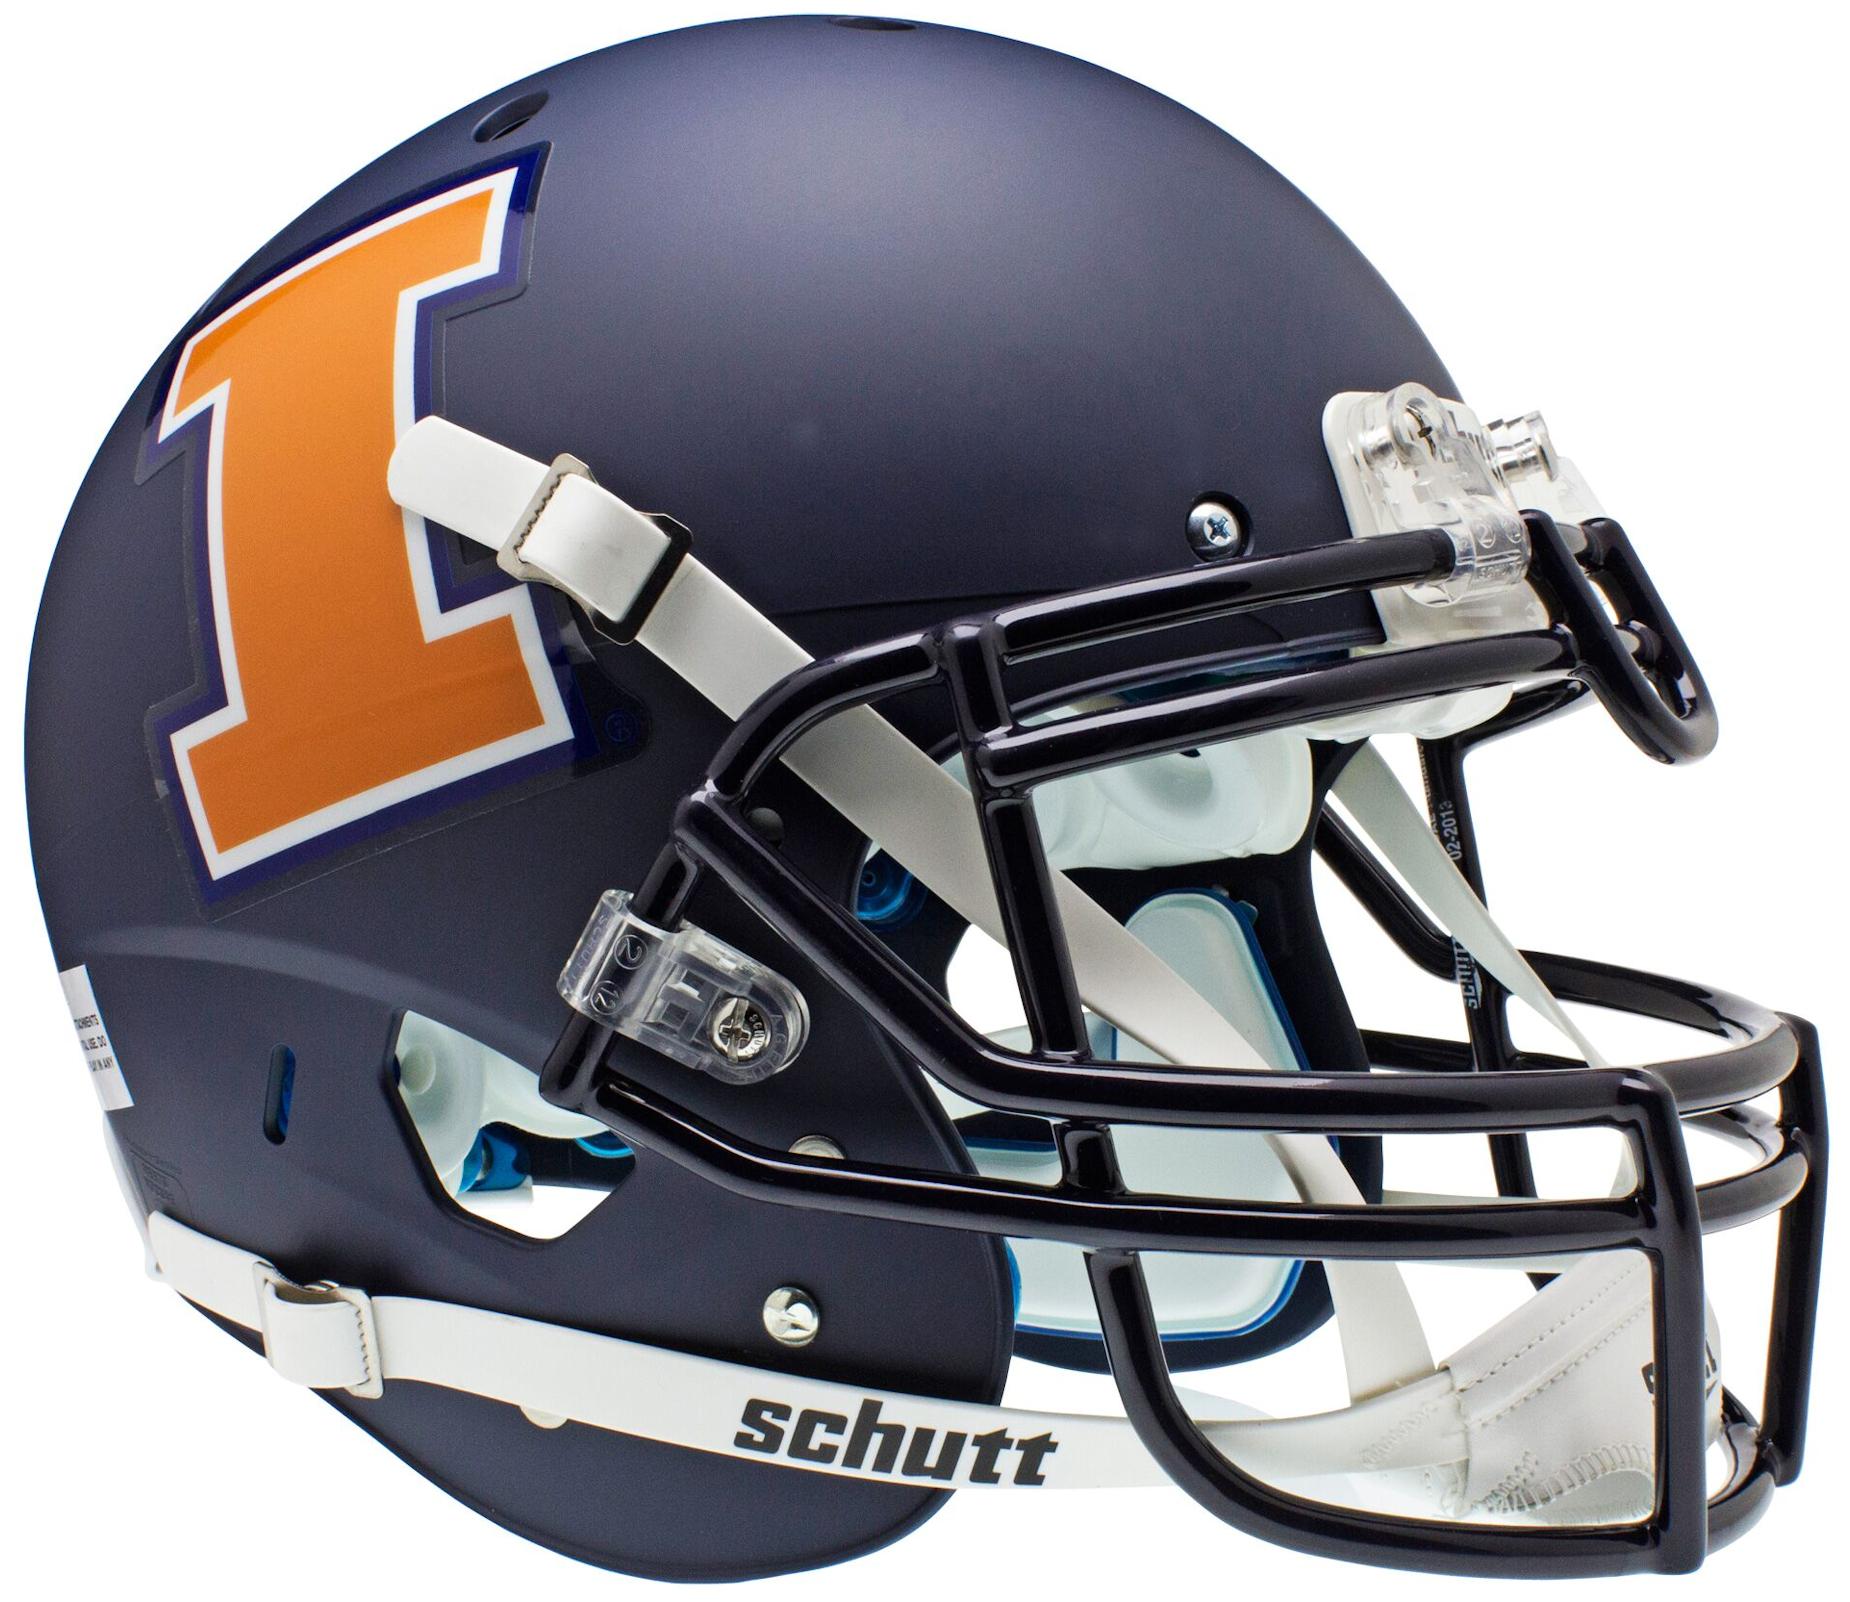 Illinois Fighting Illini Authentic College XP Football Helmet Schutt <B>Matte Navy</B>